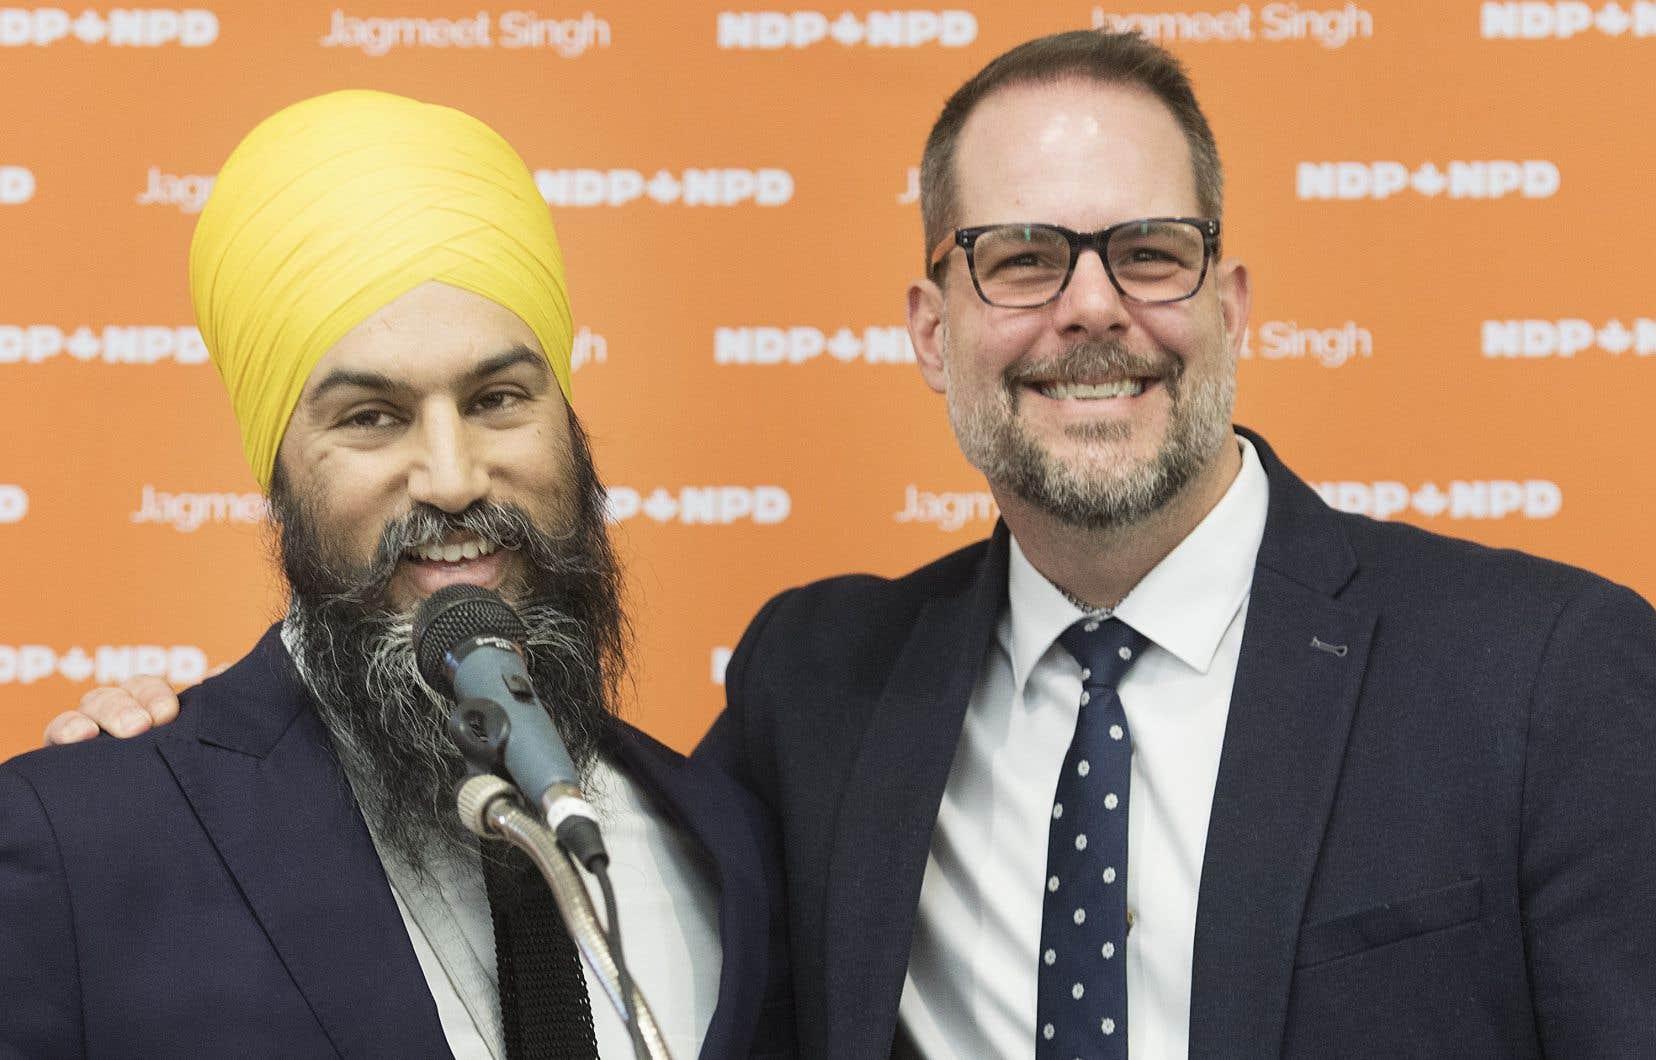 Le seul député néodémocrate à avoir été réélu au Québec en 2019 est Alexandre Boulerice (à droite). On le voit ici aux côtés du chef du parti, Jagmeet Singh, lors de cette campagne électorale.